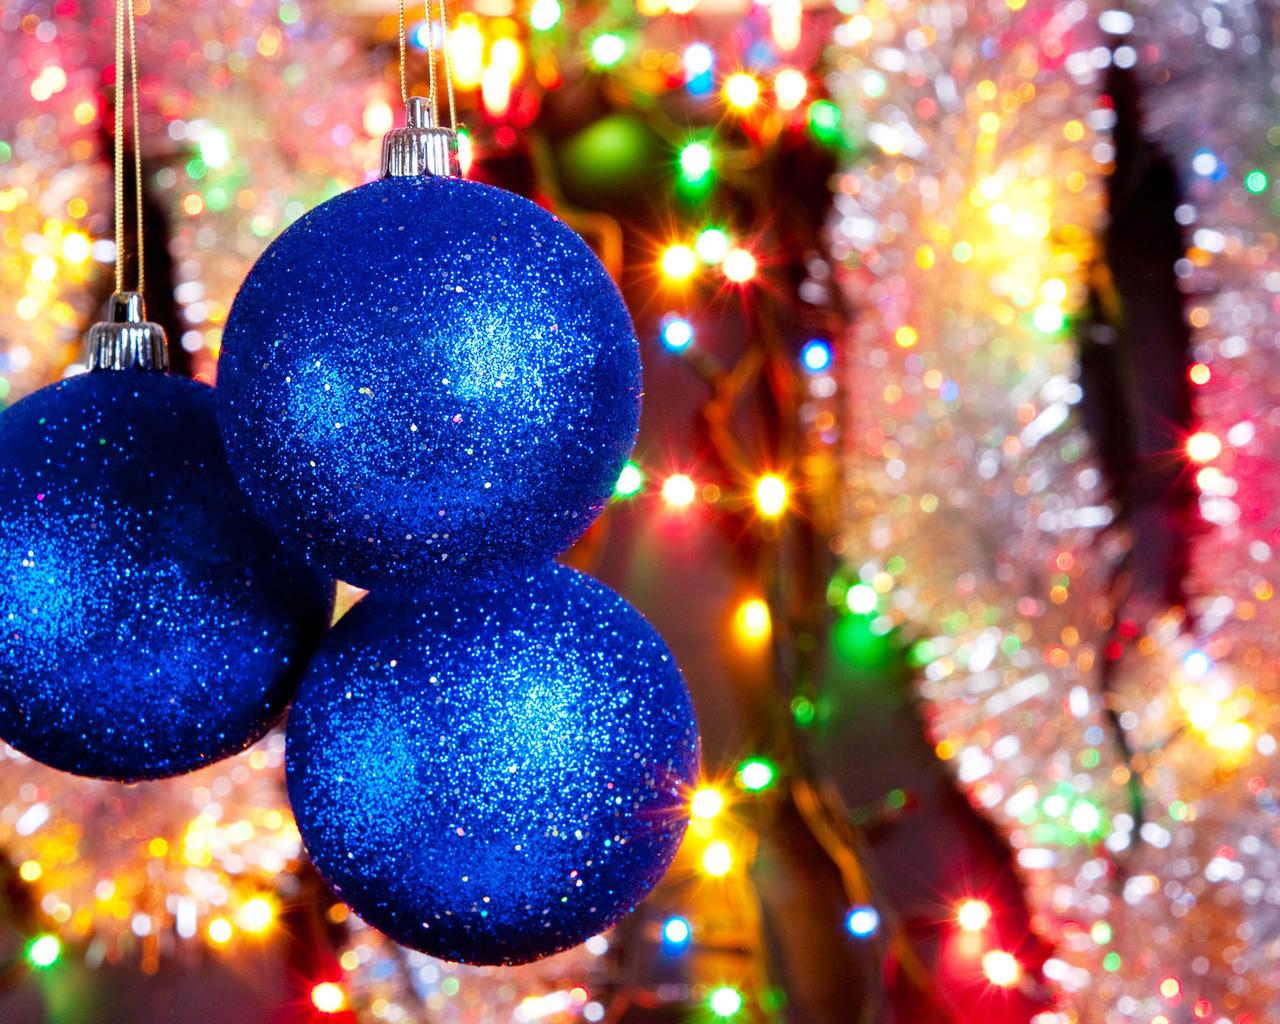 Праздник, мишура, елочные игрушки, цвета, блеск, шары, блики, огни, украшения, дождик, радость, фонарики, праздник,настроение,мишура,гирлянда,огоньки,синие